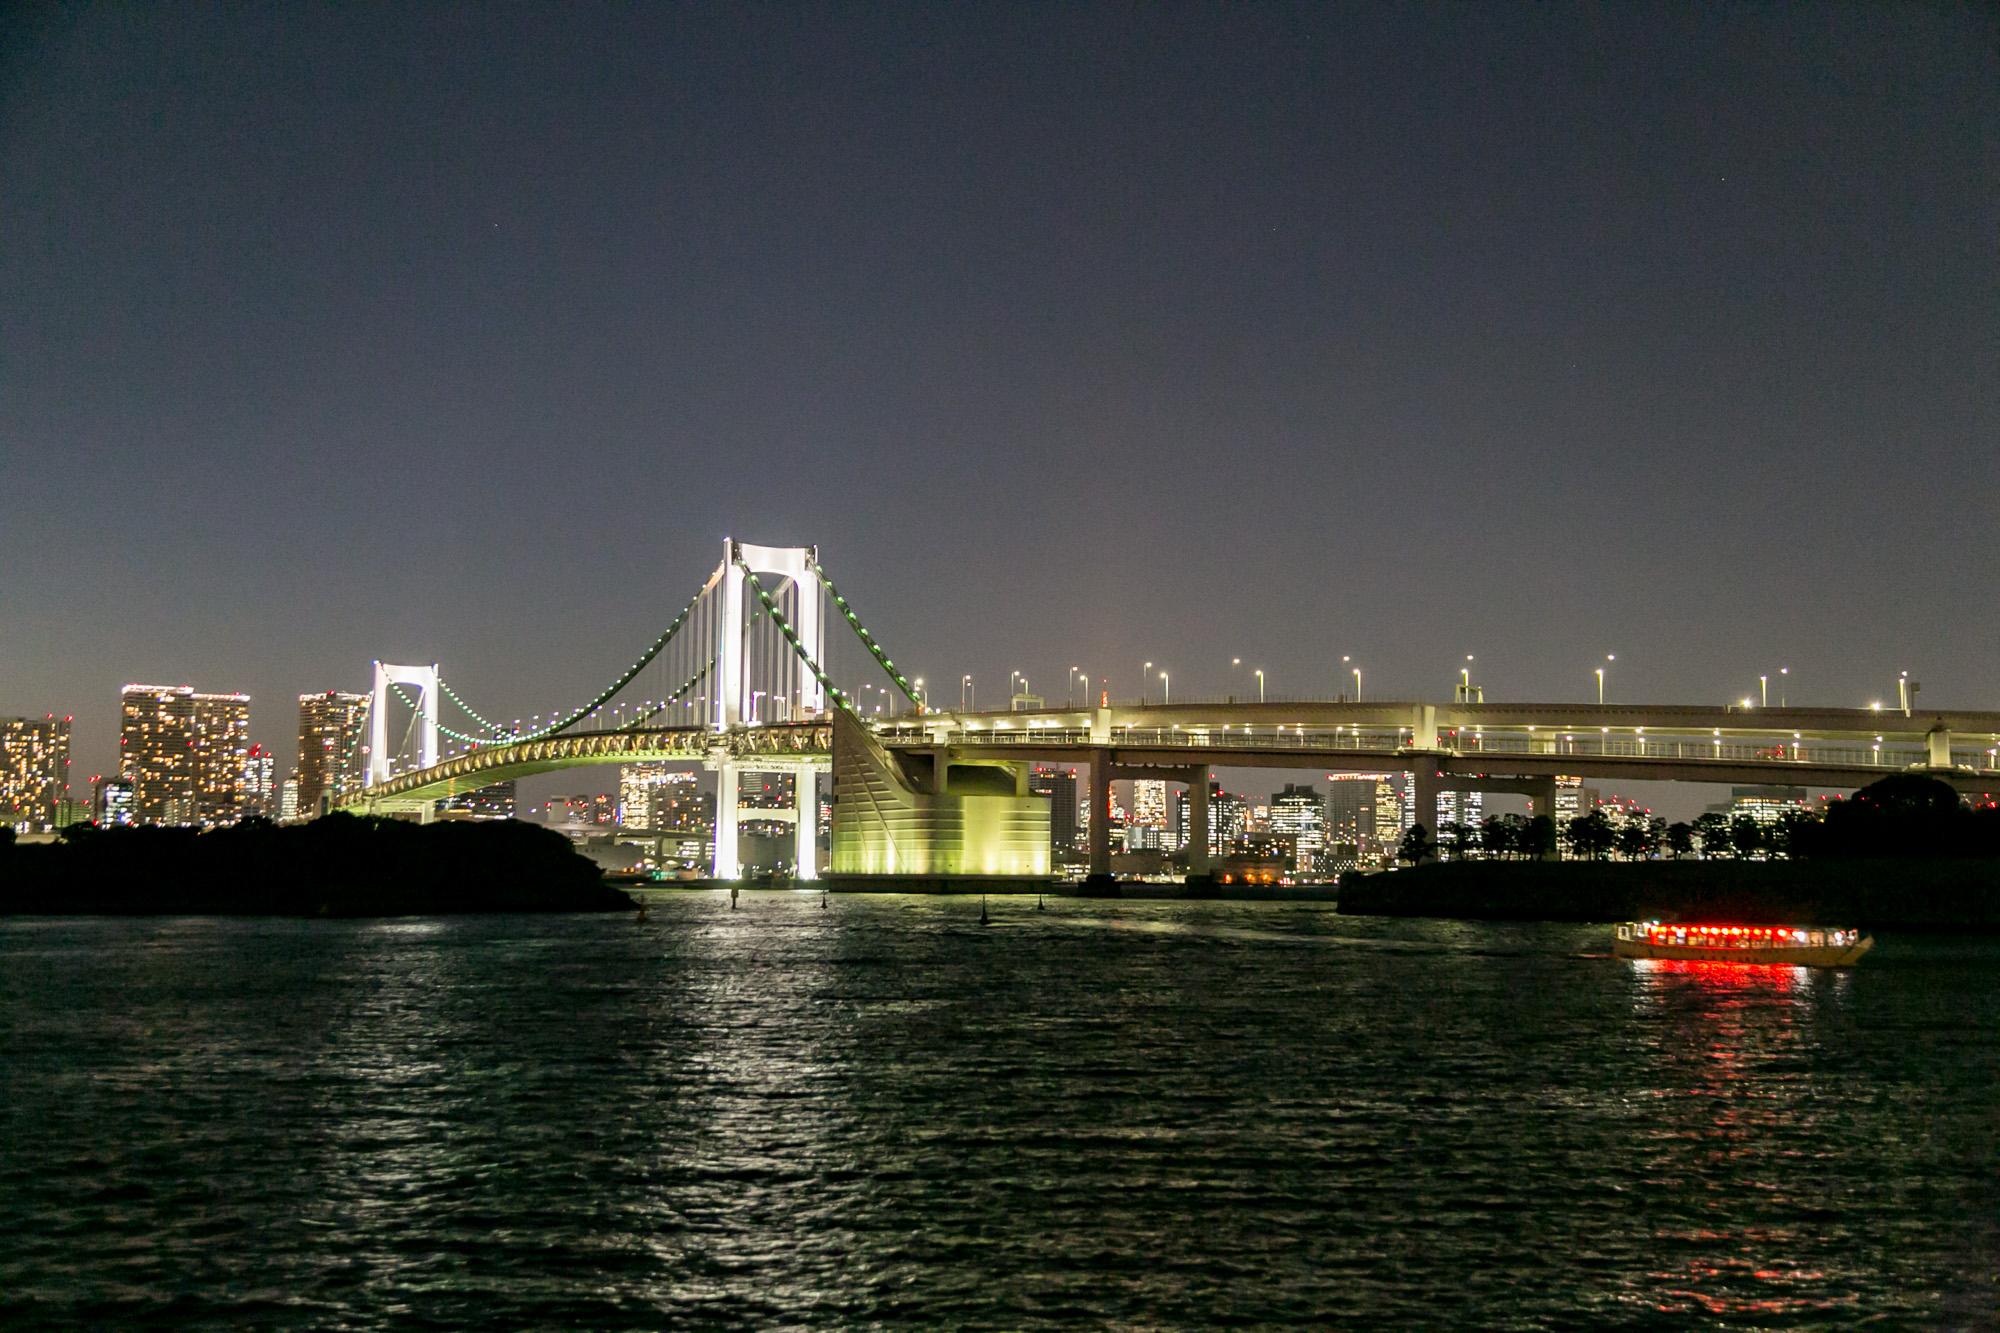 東京湾貸切クルージング